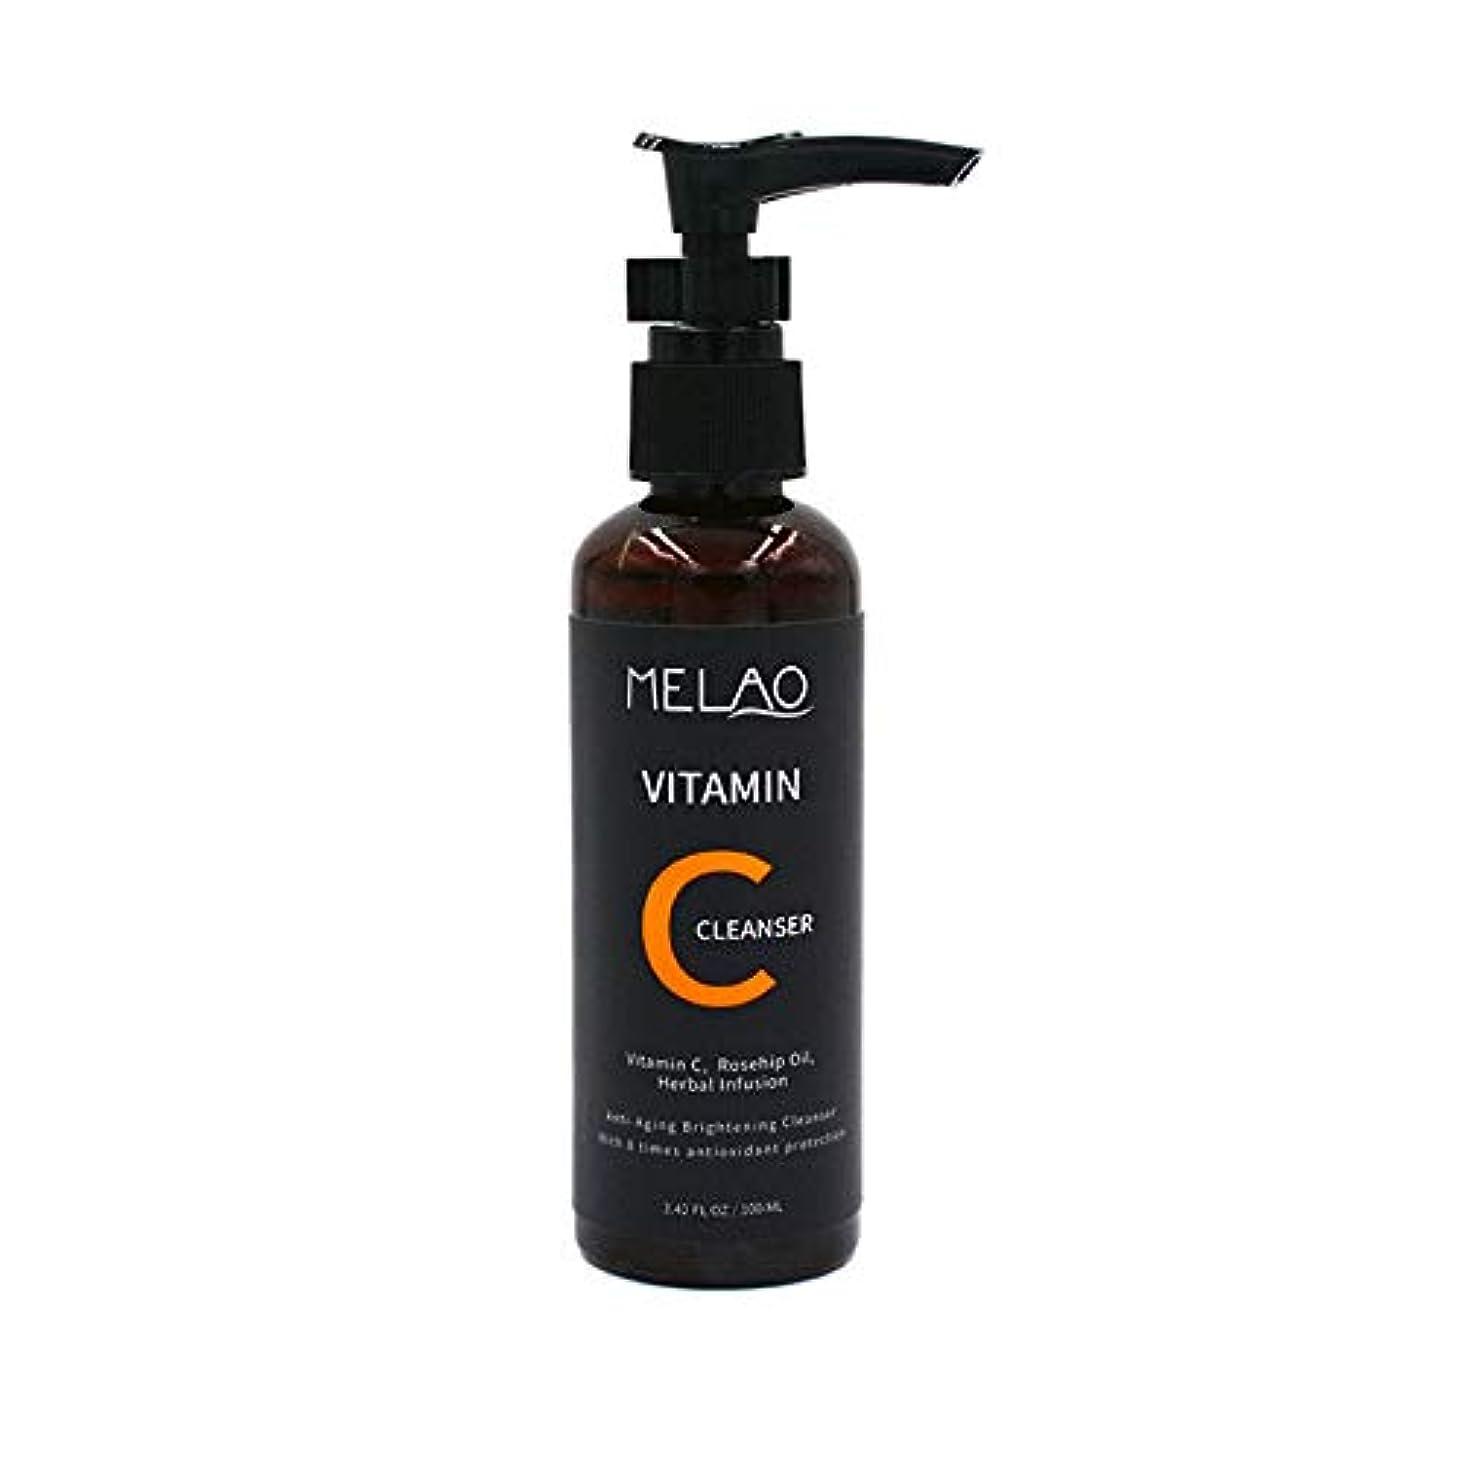 しないでください劇場減るAkane MELAO VC 顔洗い 深層 清潔 押す 保湿 浄化 角質除去 クレンジング 綺麗に オイルコントロール 使いやすい 洗顔料 アロエクリーム 100ml MC180202